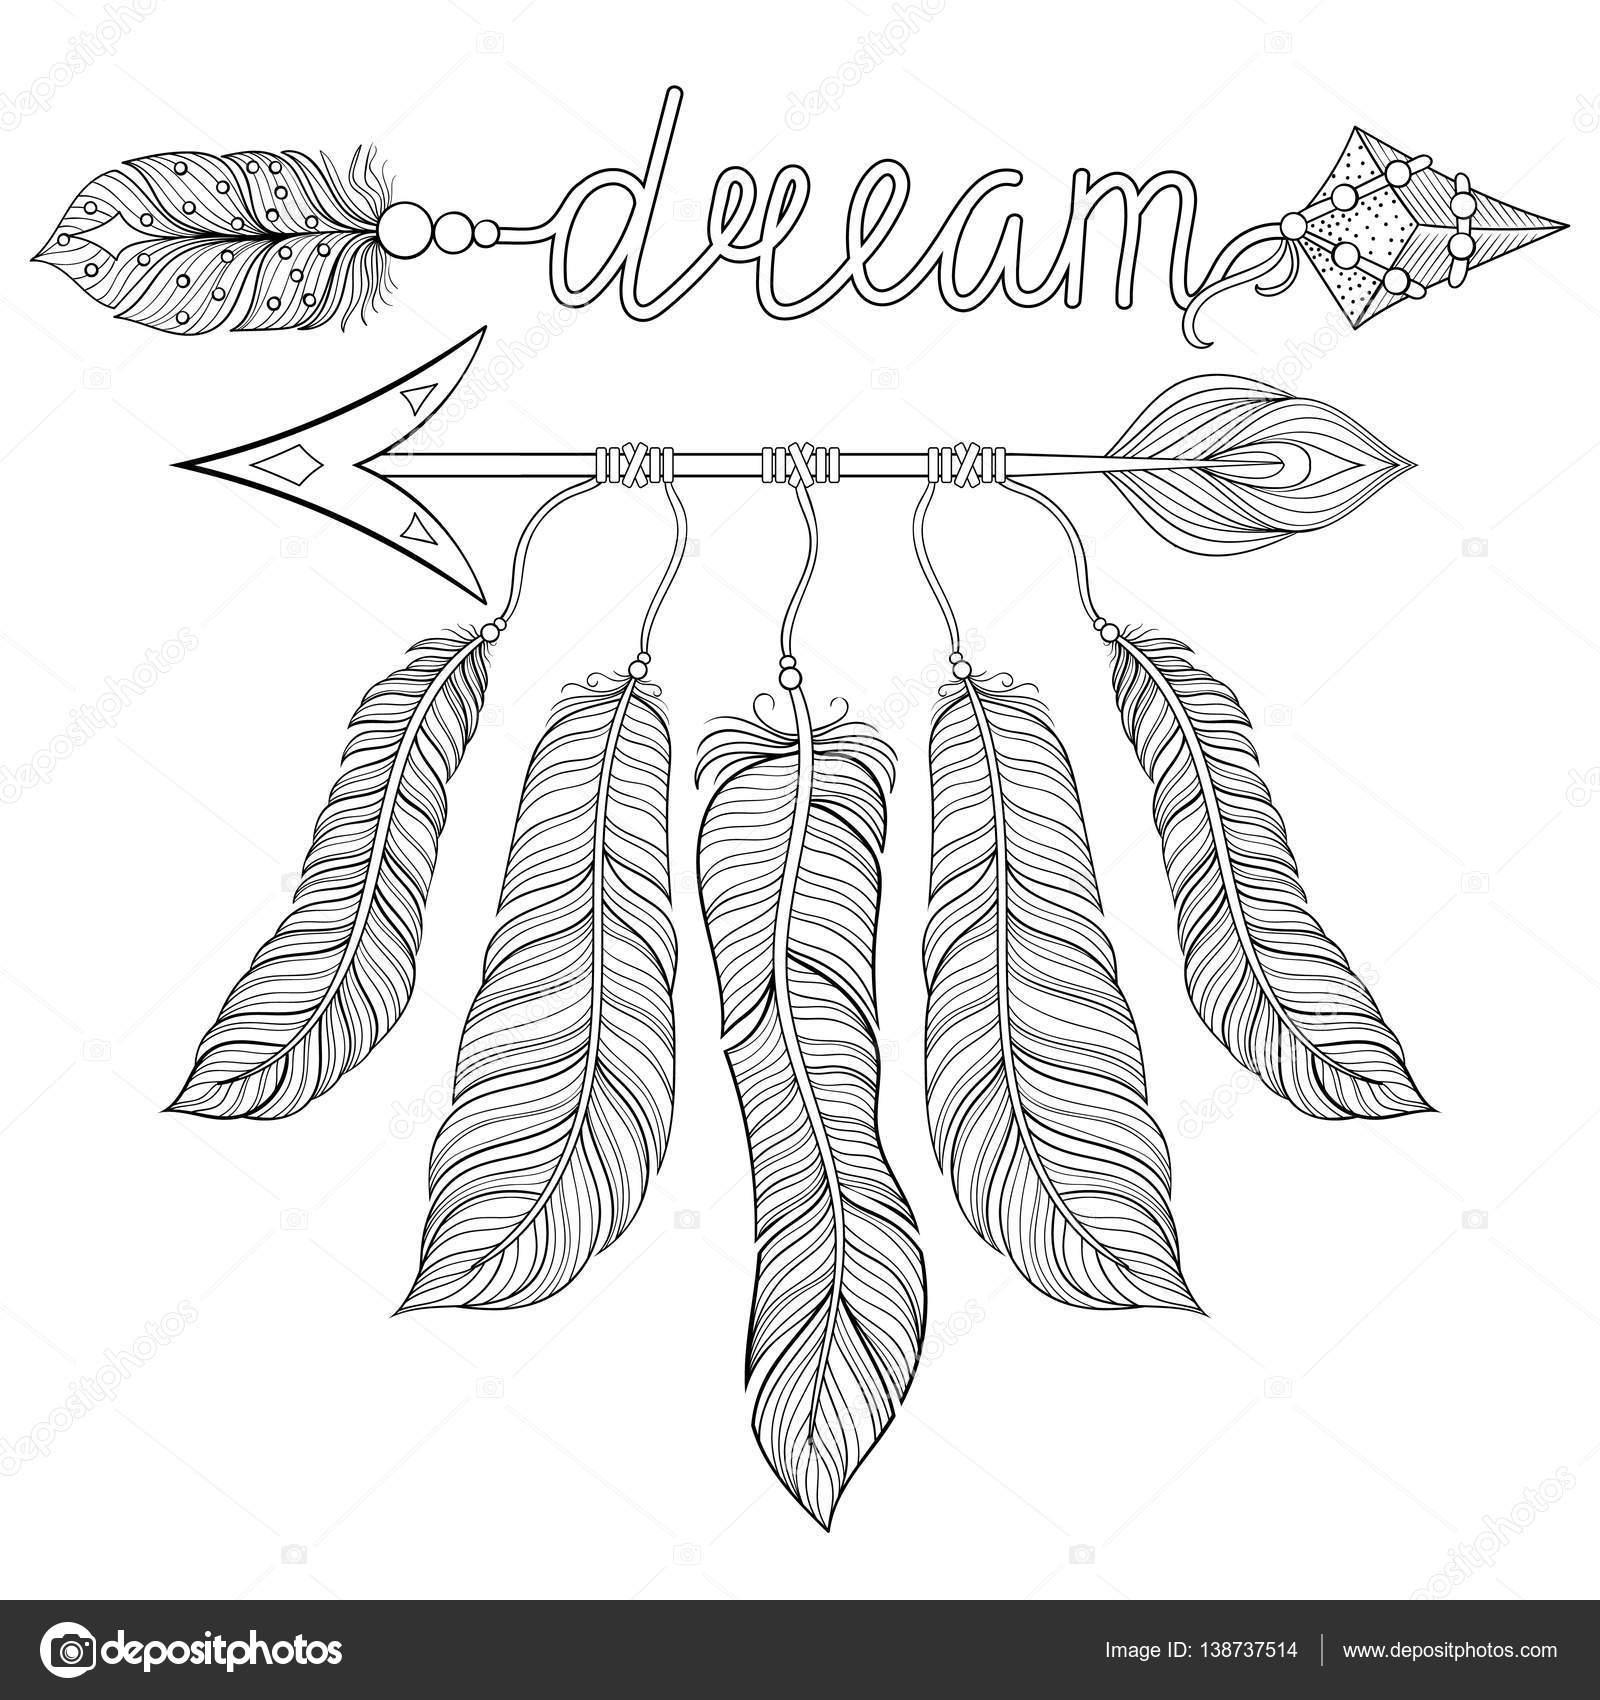 Dibujos Pluma Indio Colorear Boho Chic étnico Sueño Flecha Con